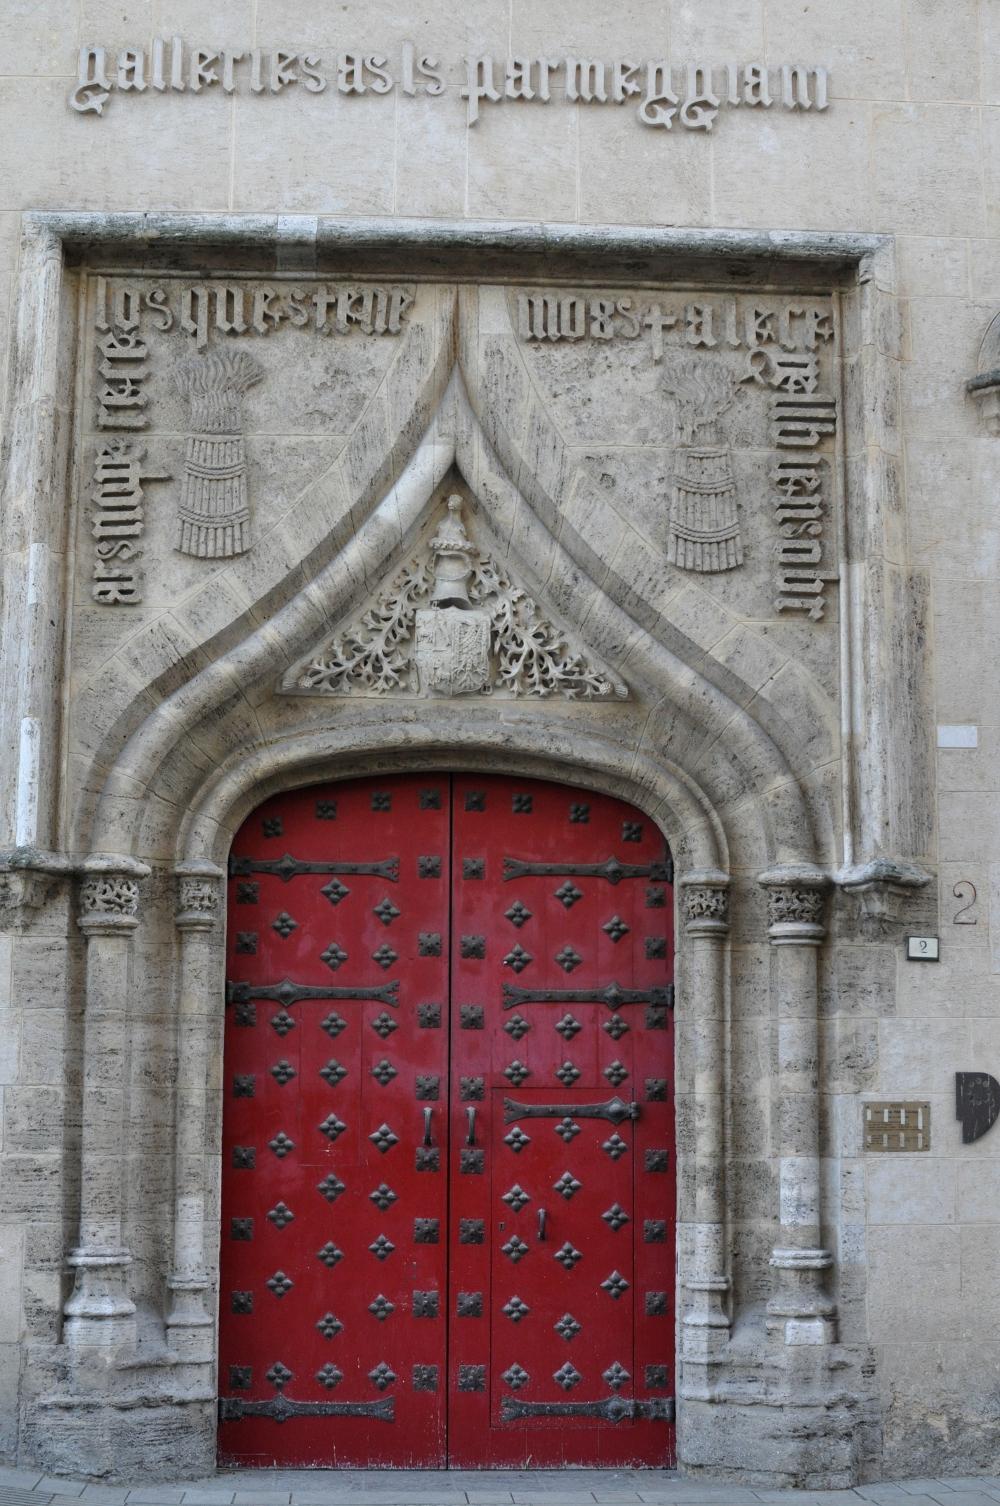 rocaille-blog-reggio-emilia-museo-lazzaro-spallanzani (81)